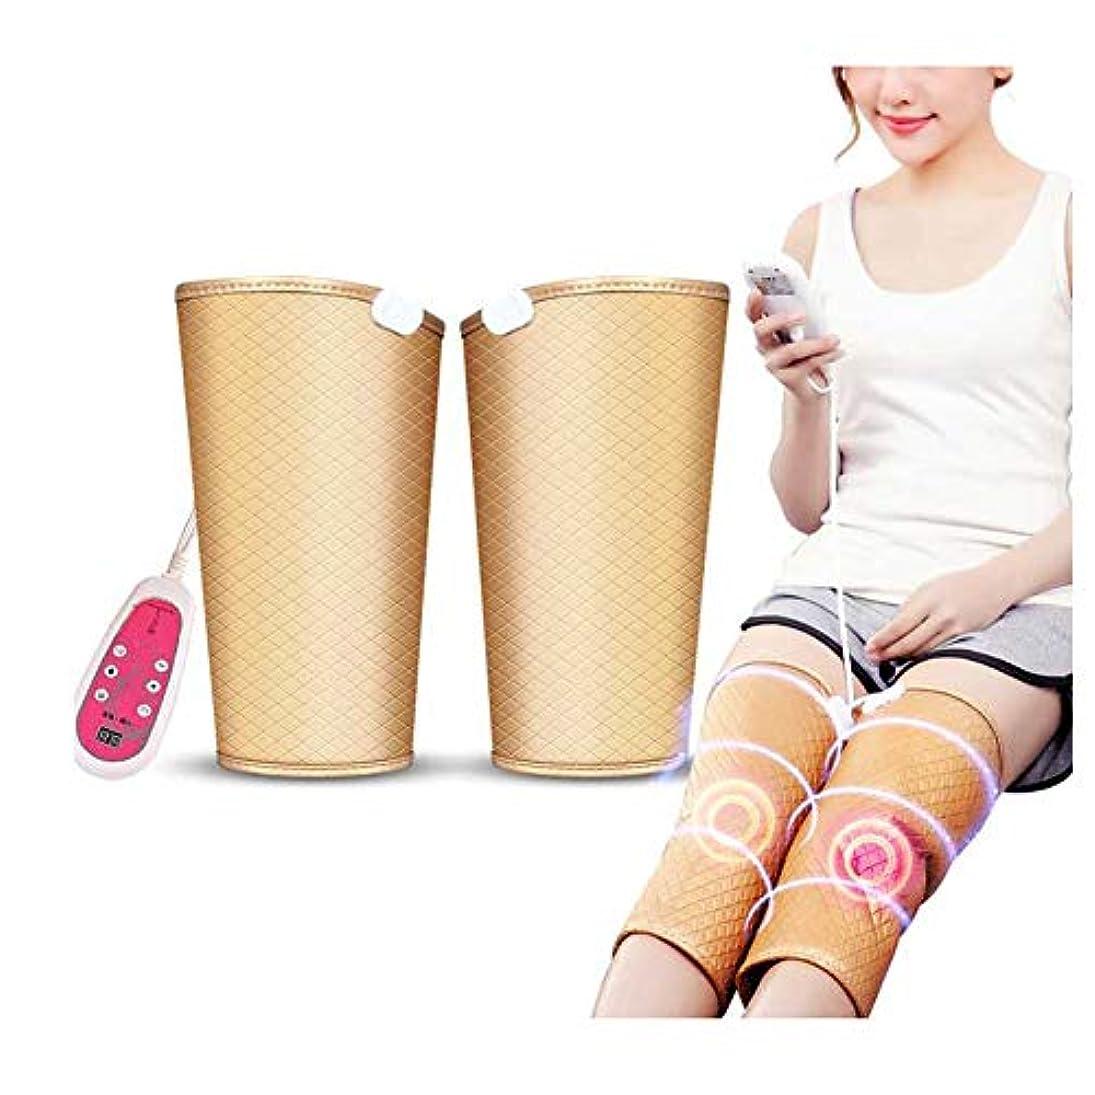 照らす走る見ました暖房膝サポート9マッサージモードと膝のけがのための5つの速度でラップ膝温めラップパッド療法マッサージャー